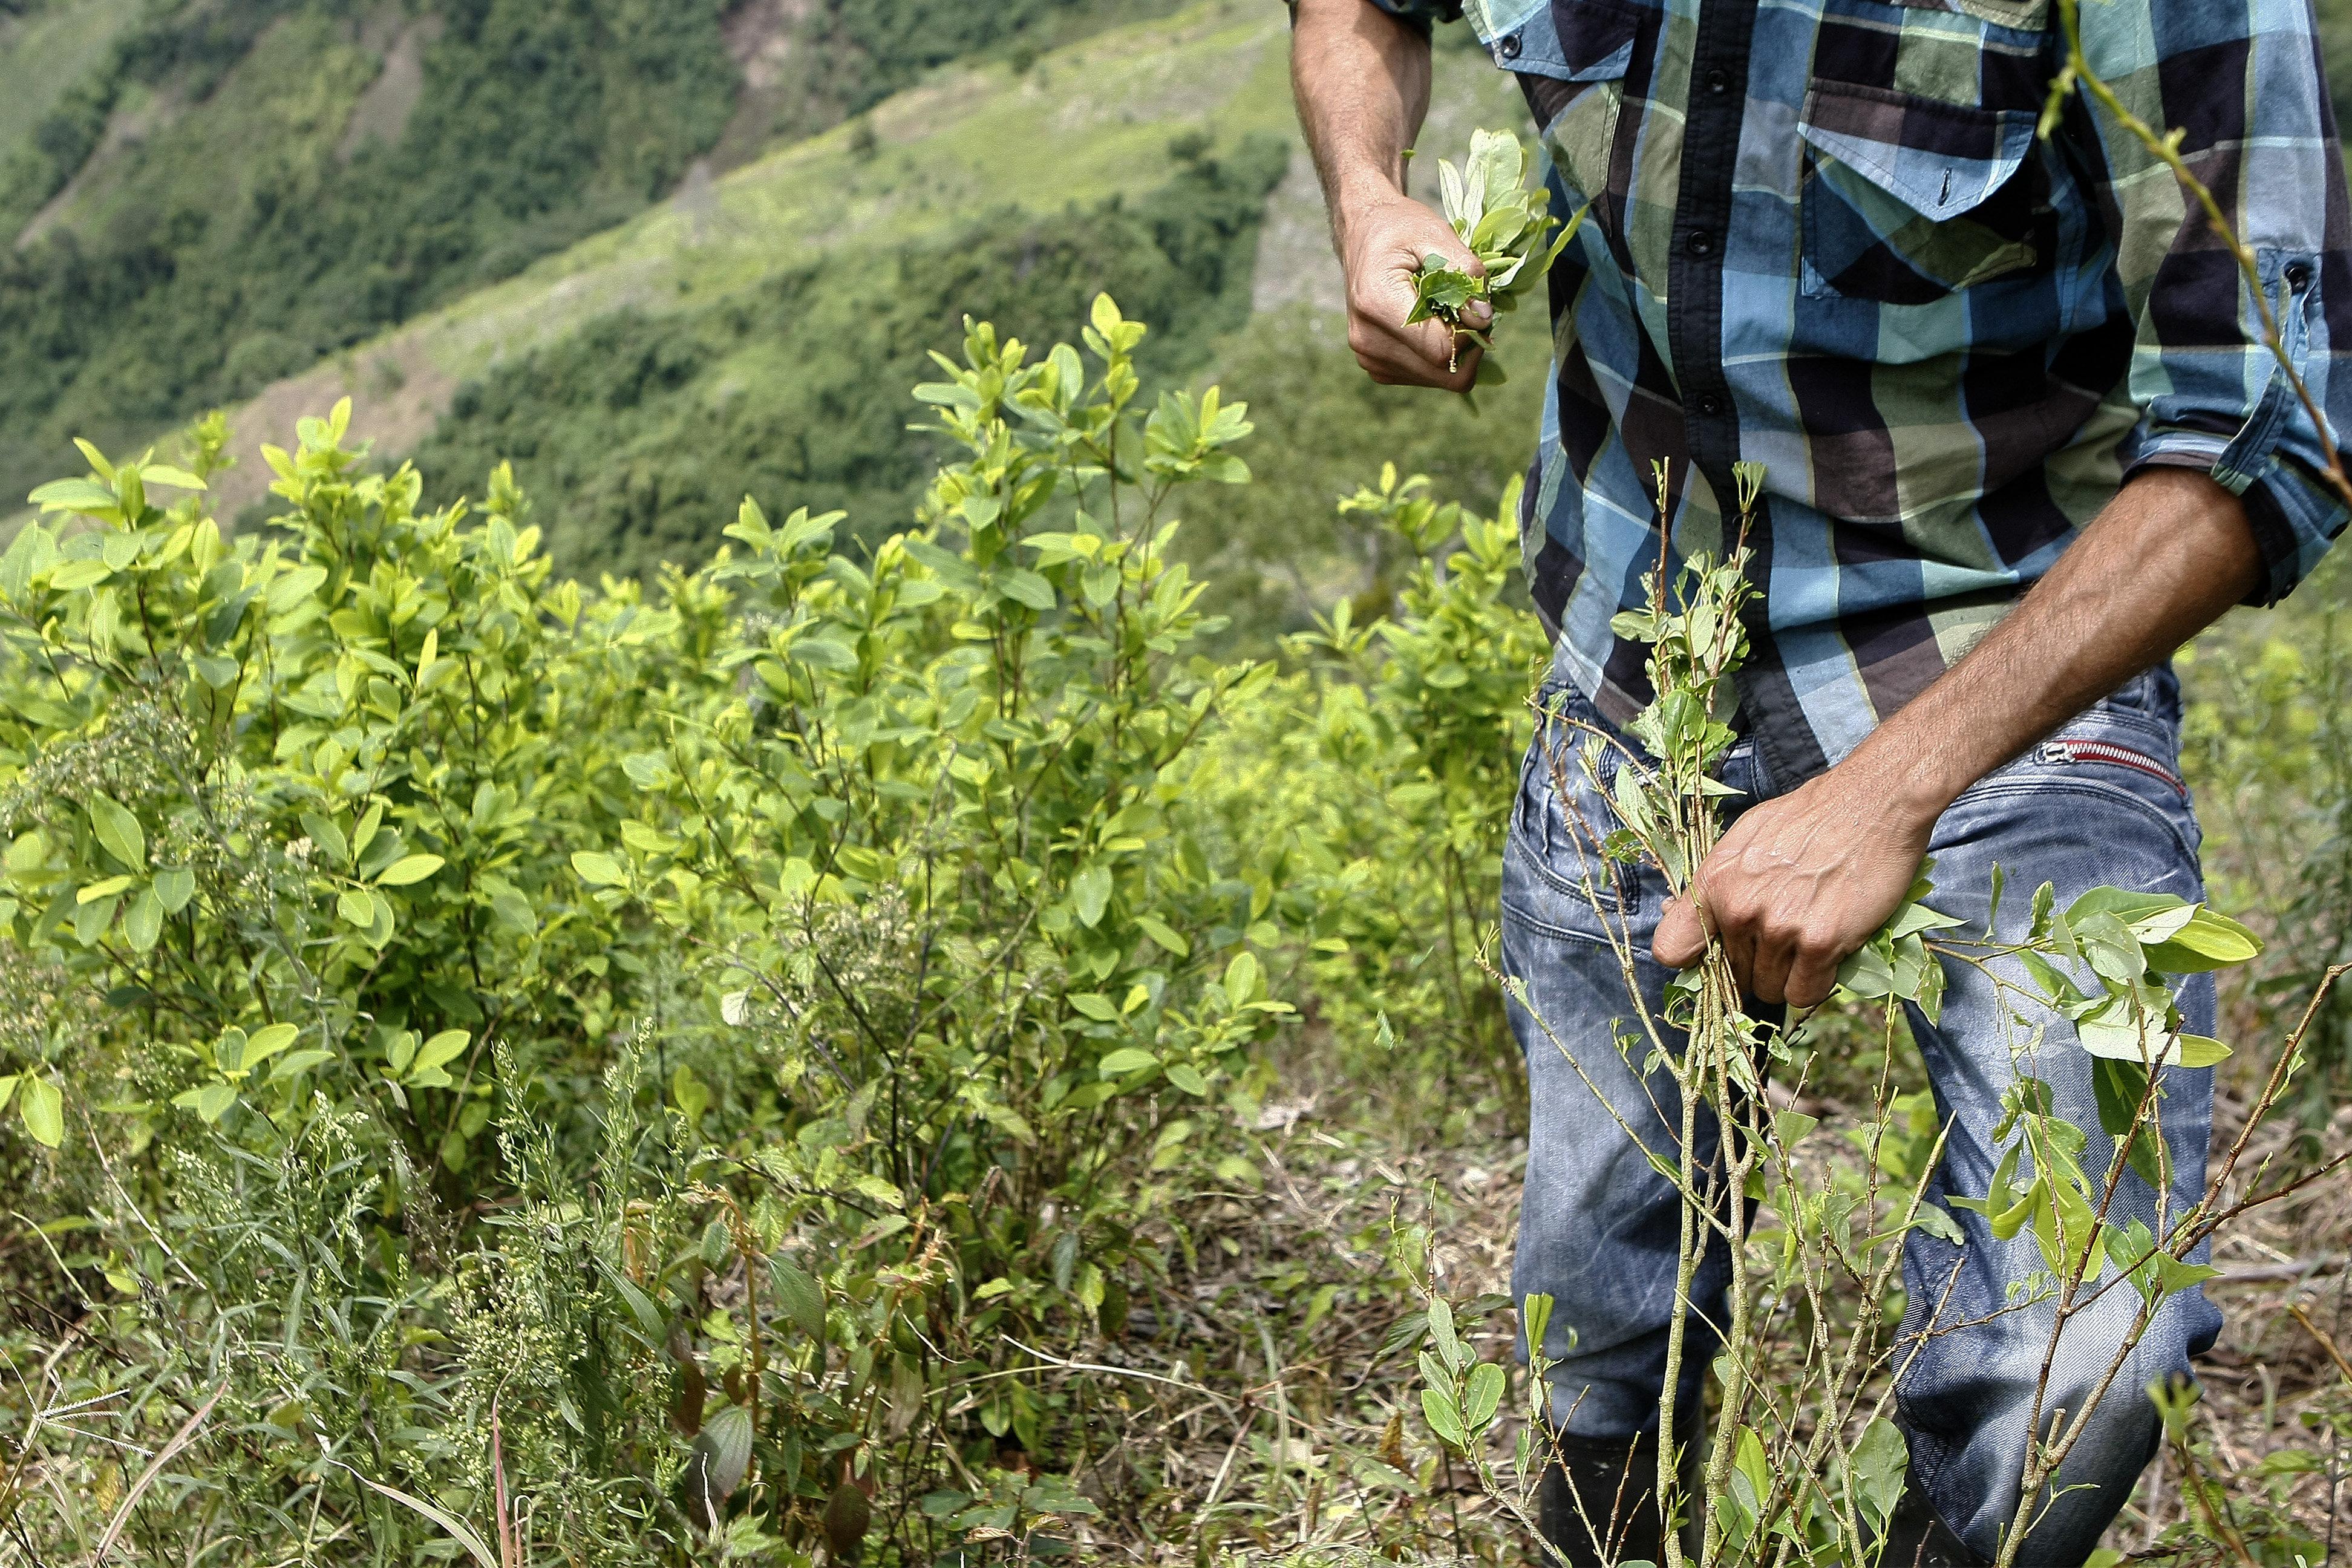 La ONU informó de una disminución del 9% de los cultivos de coca en Colombia  - Infobae